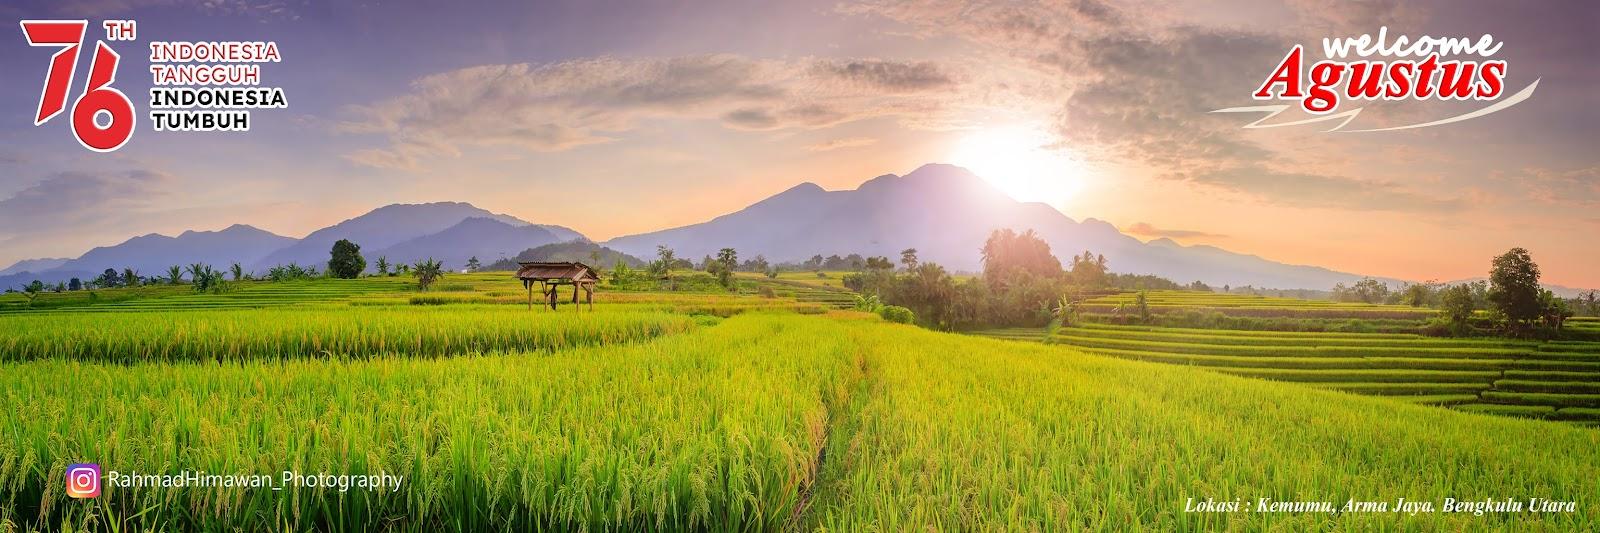 Bengkulu Destination - Update Artikel Terbaru seputar wisata Indonesia dan Informasi Menarik Lainnya